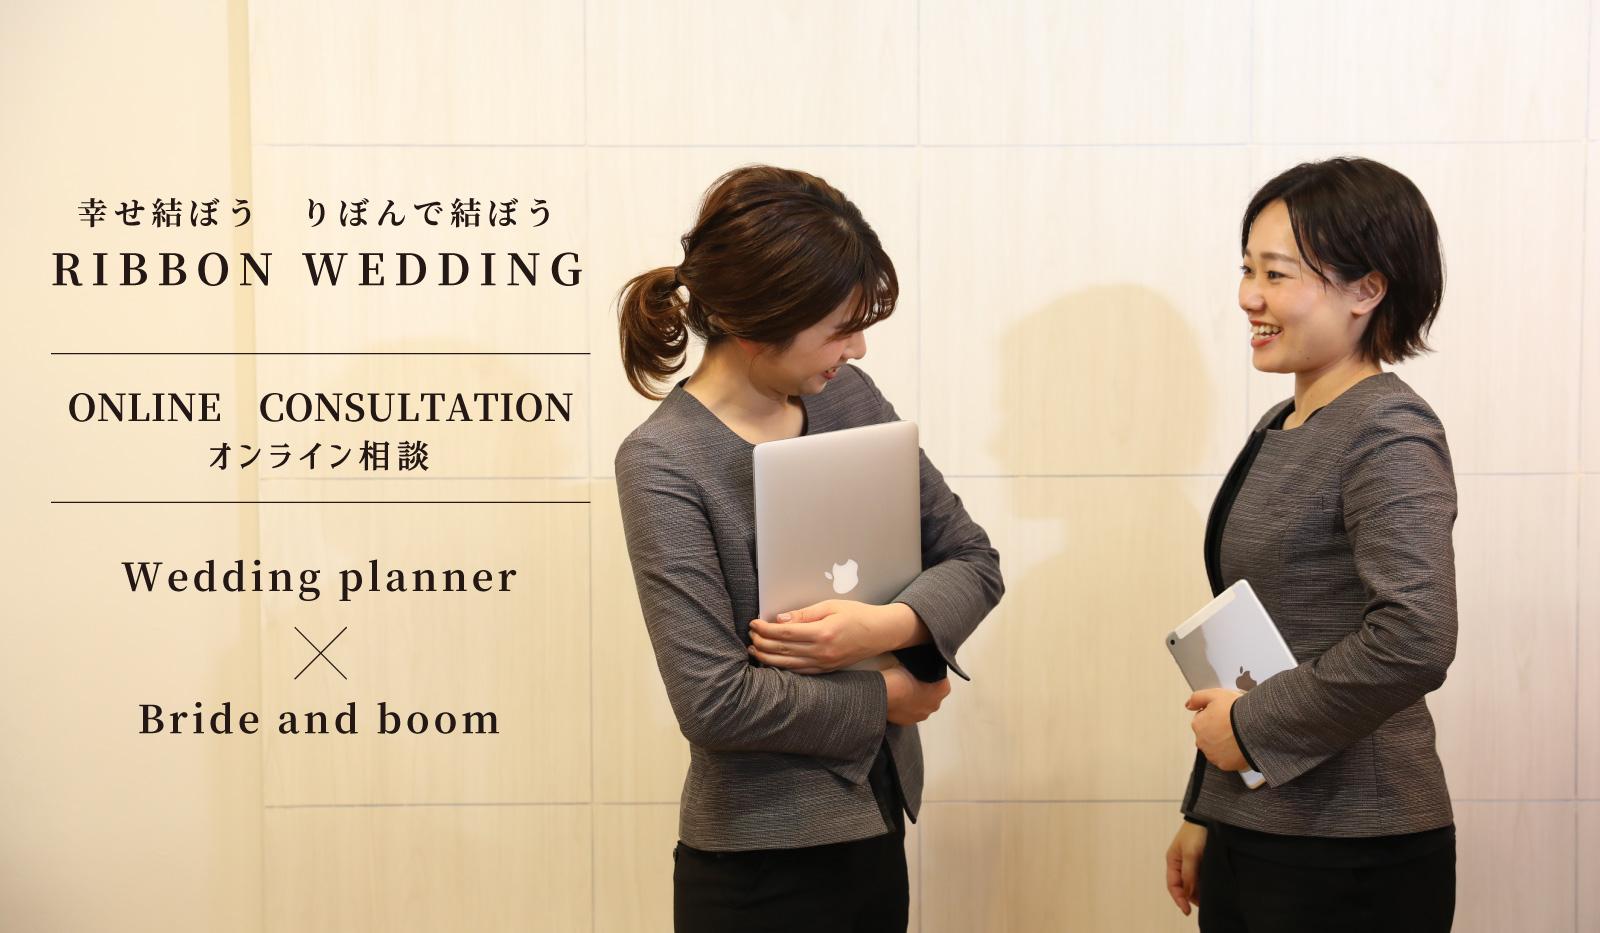 幸せ結ぼう りぼんで結ぼうRIBBON WEDDING